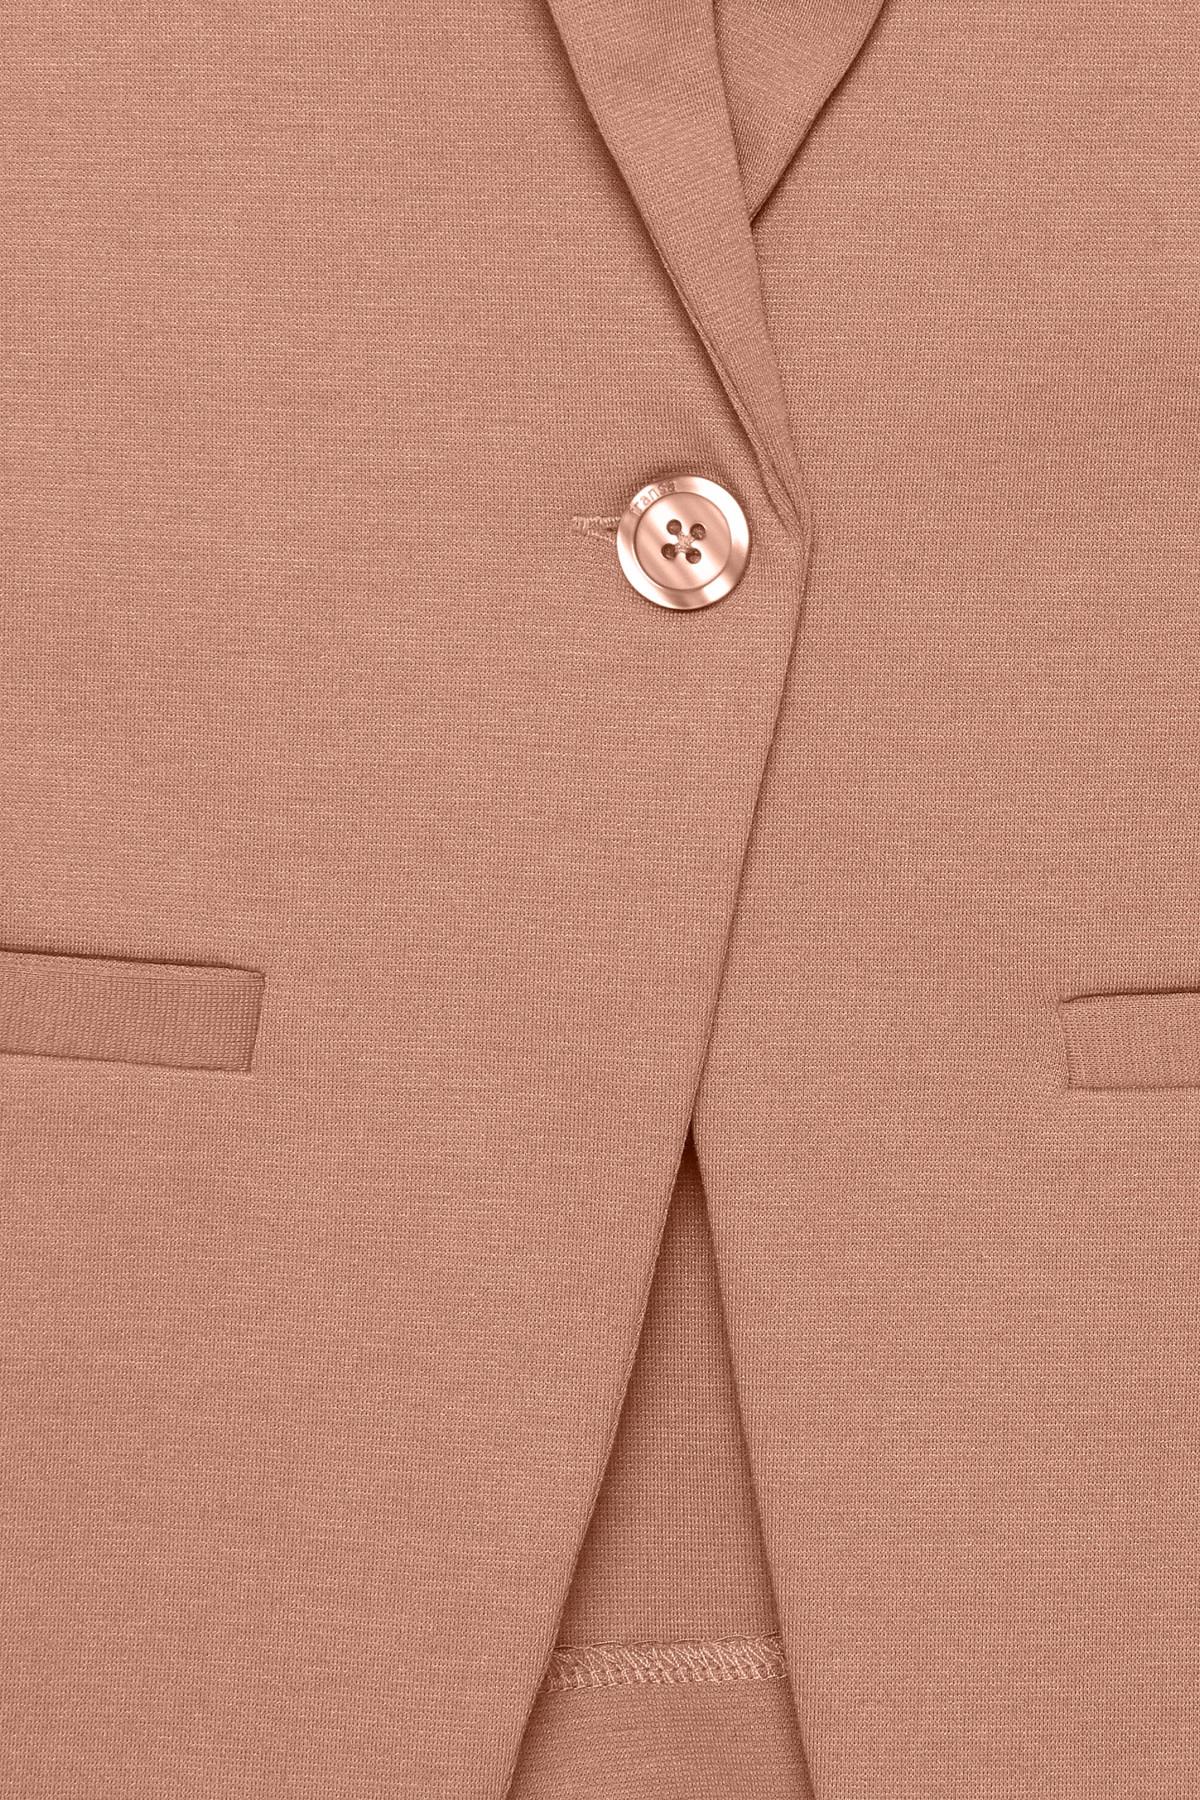 Jersey Blazer - Misty Rose